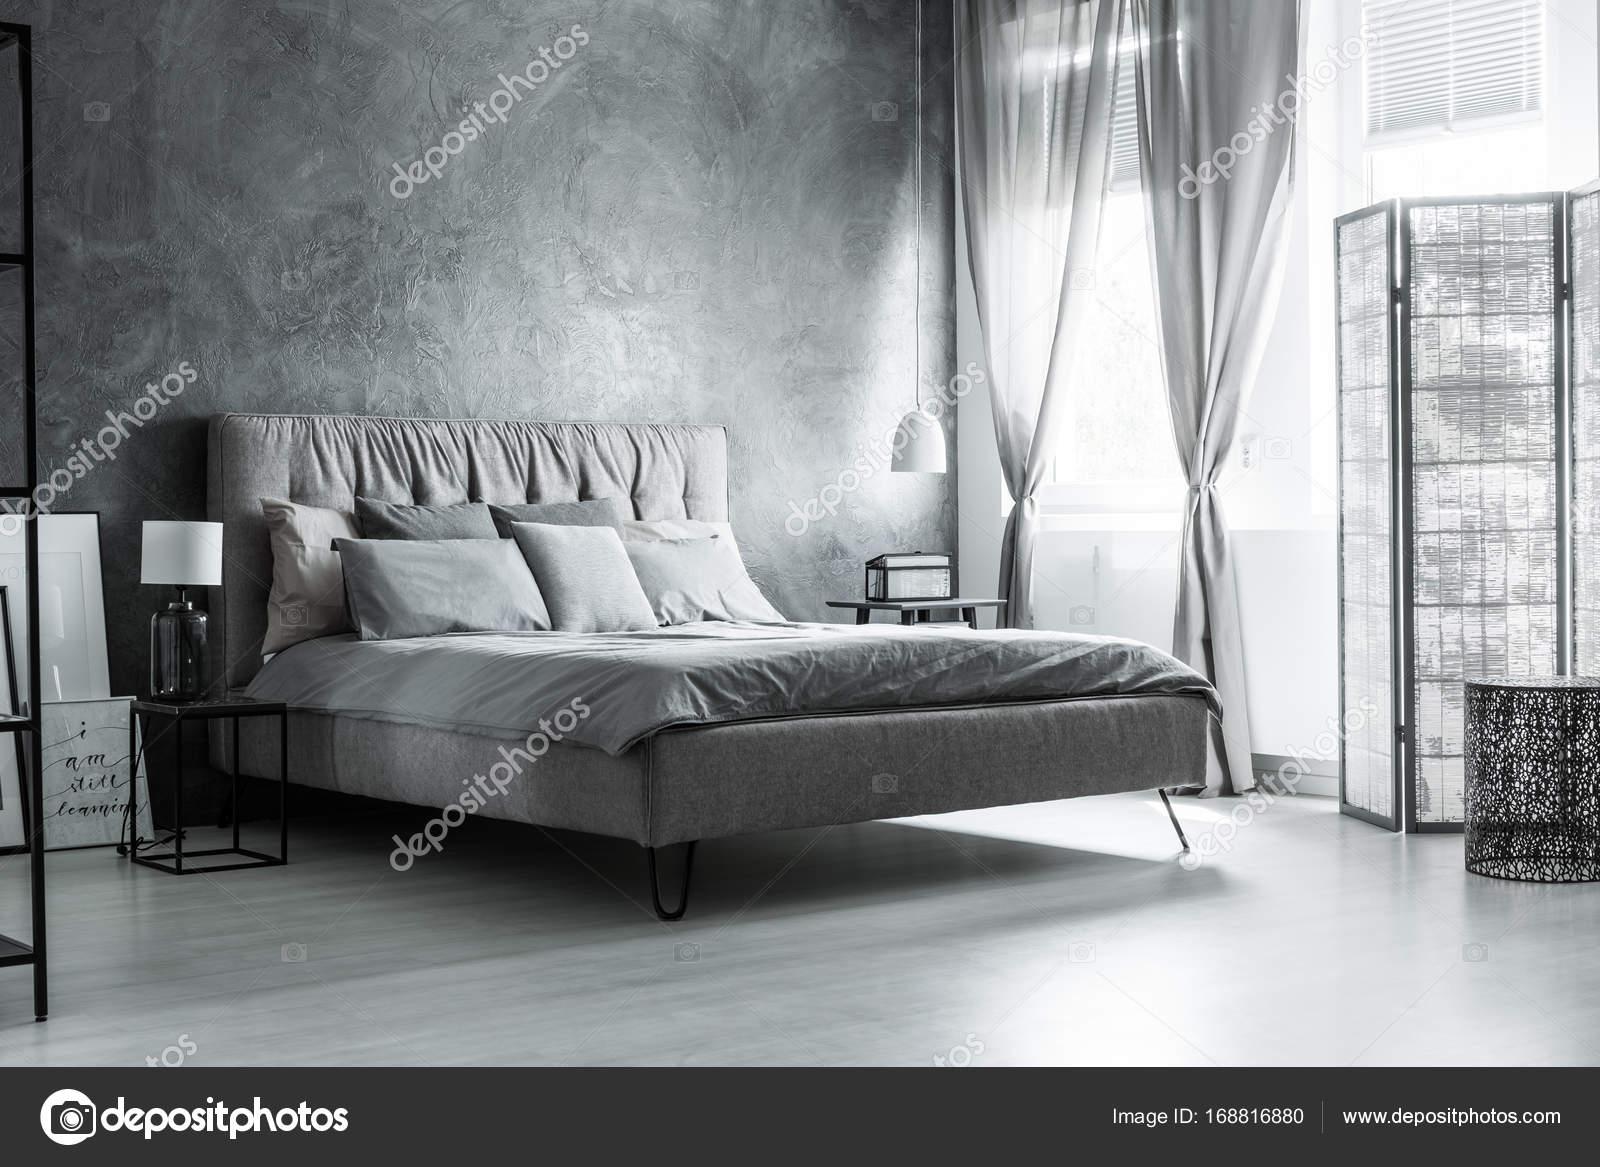 donker grijs slaapkamer met comfortabele kingsize bed onder venster met decoratieve gordijnen en scherm foto van photographeeeu